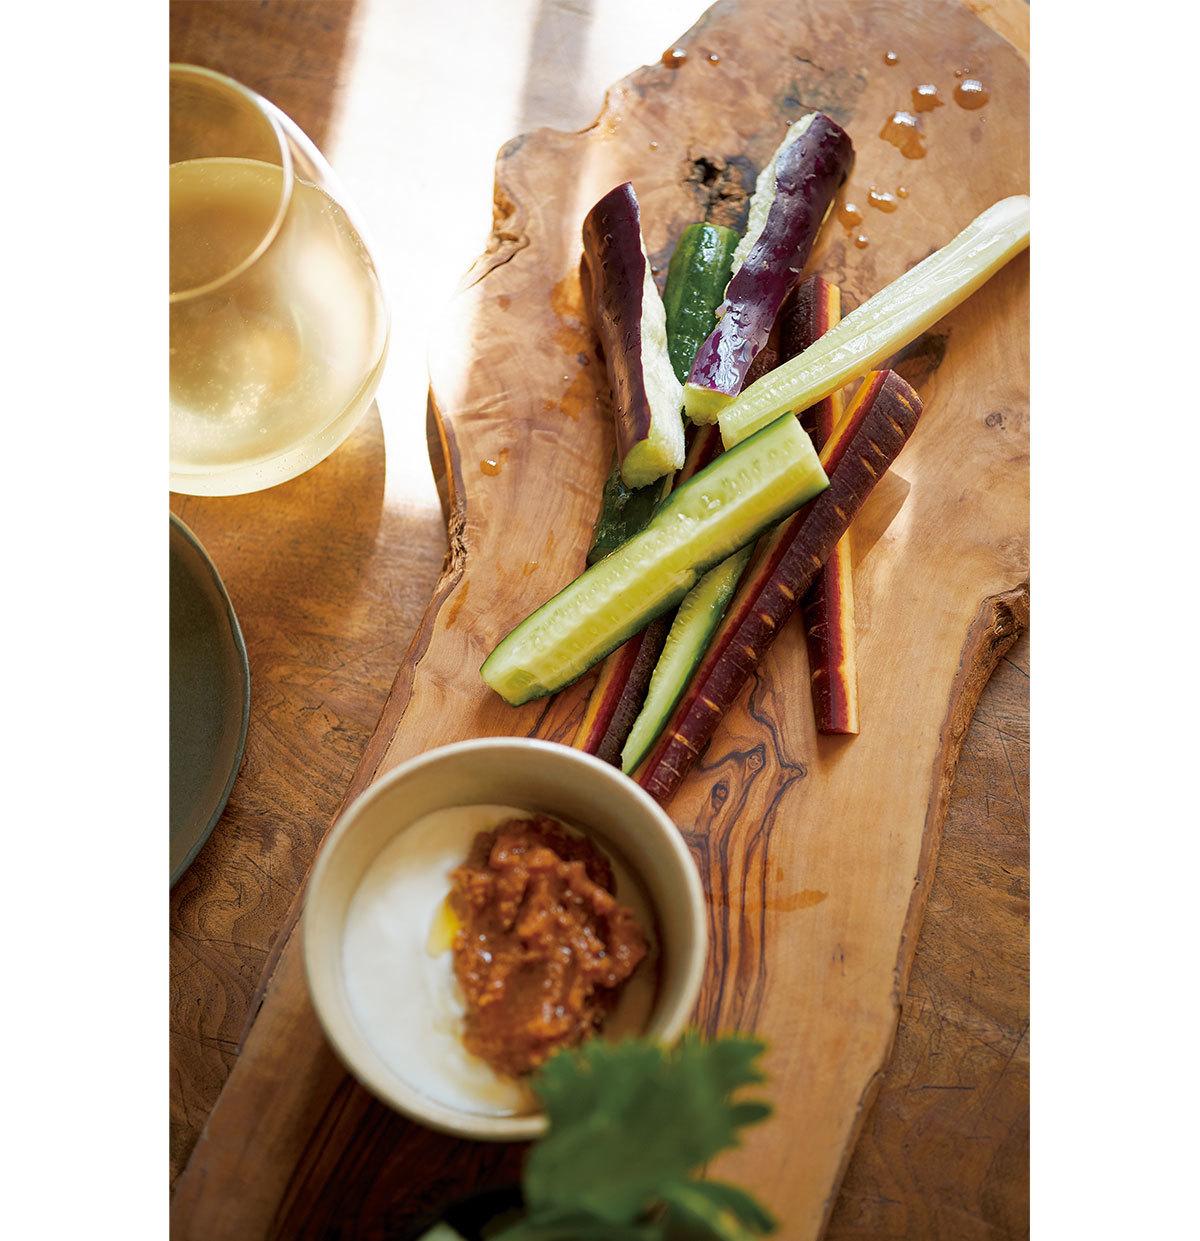 みずみずしい夏野菜をシンプルに!甘酸っぱい日本の白ワインに合わせて【平野由希子のおつまみレシピ #52】_1_2